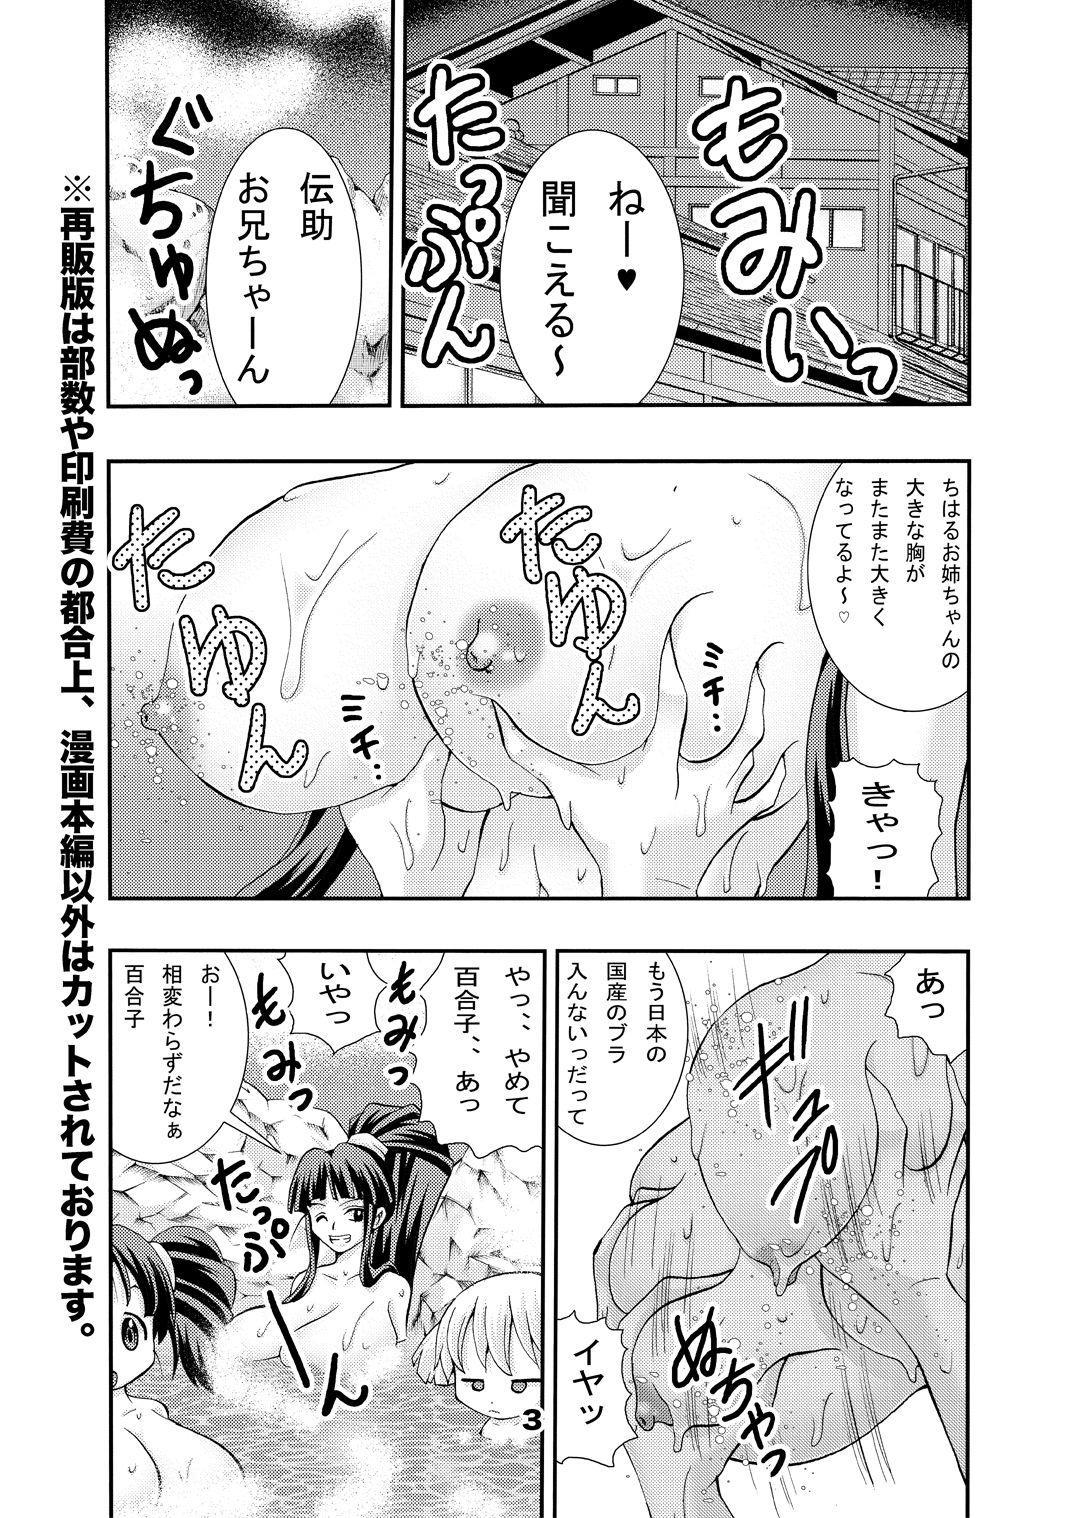 Eiken Rensai Kaishi 10-shuunen Kinen Bon Kaiteiban Sai 2